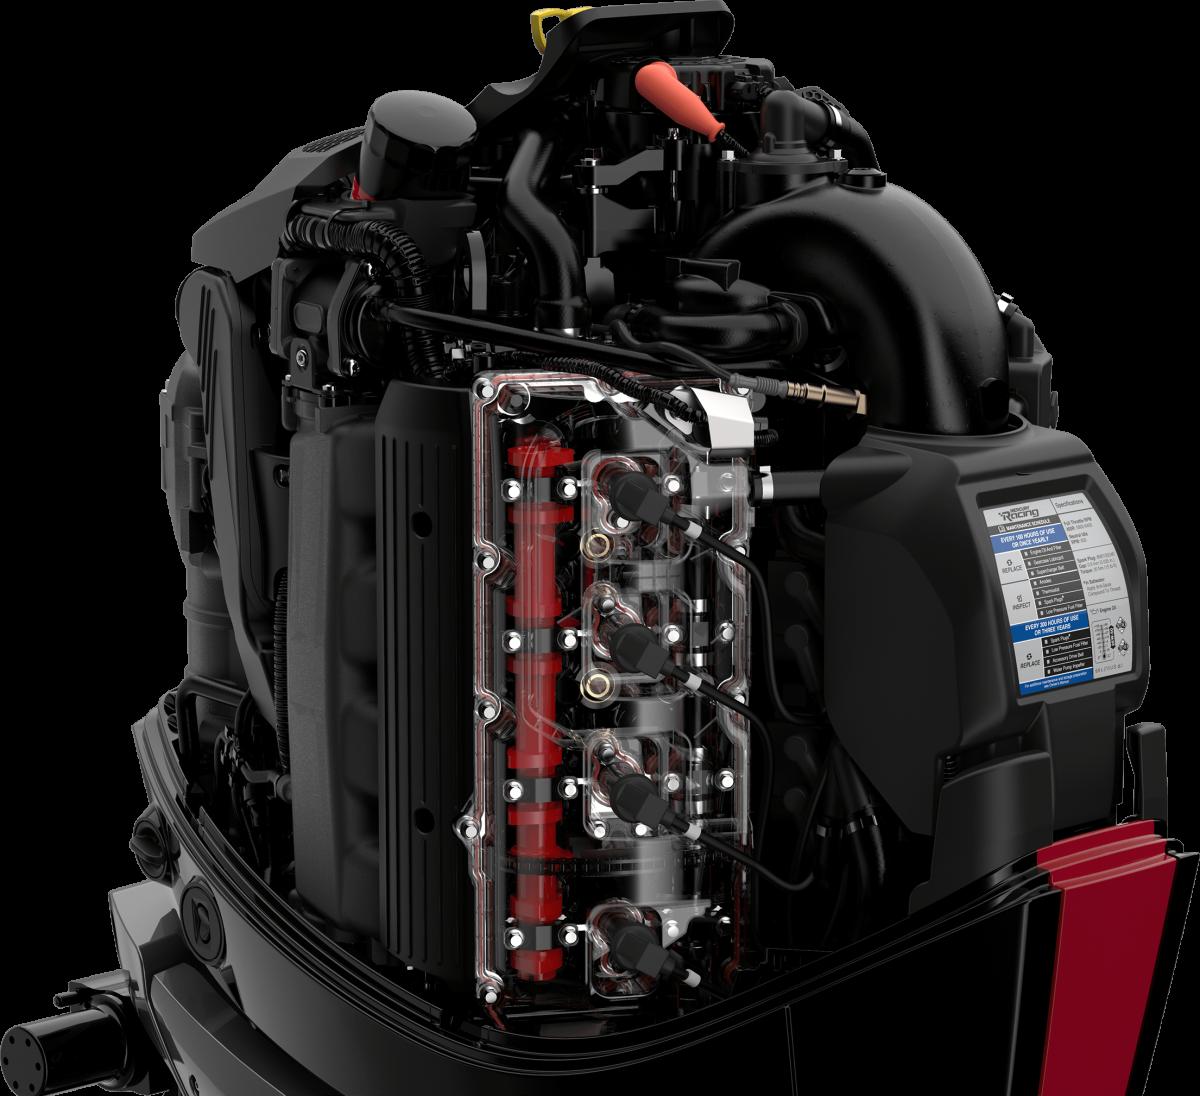 The 450R is based on Mercury Marine's 4.8-liter V-8 powerhead.